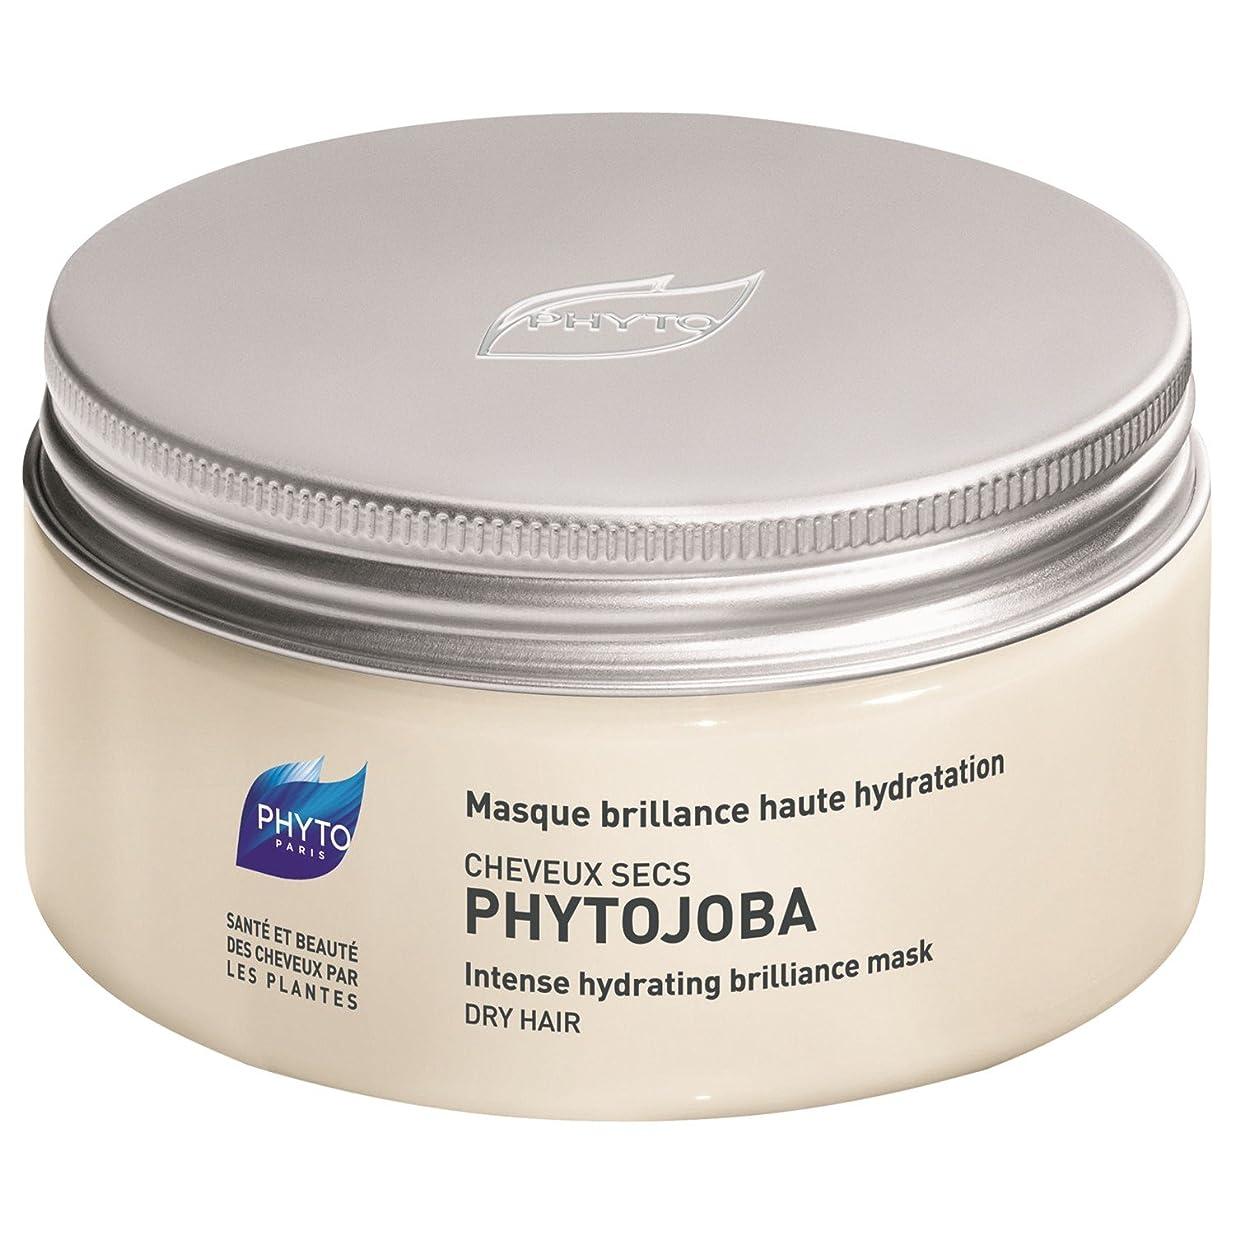 氏ファイアルマトンフィトPhytojoba強烈な水分補給マスク200ミリリットル (Phyto) - Phyto Phytojoba Intense Hydrating Mask 200ml [並行輸入品]